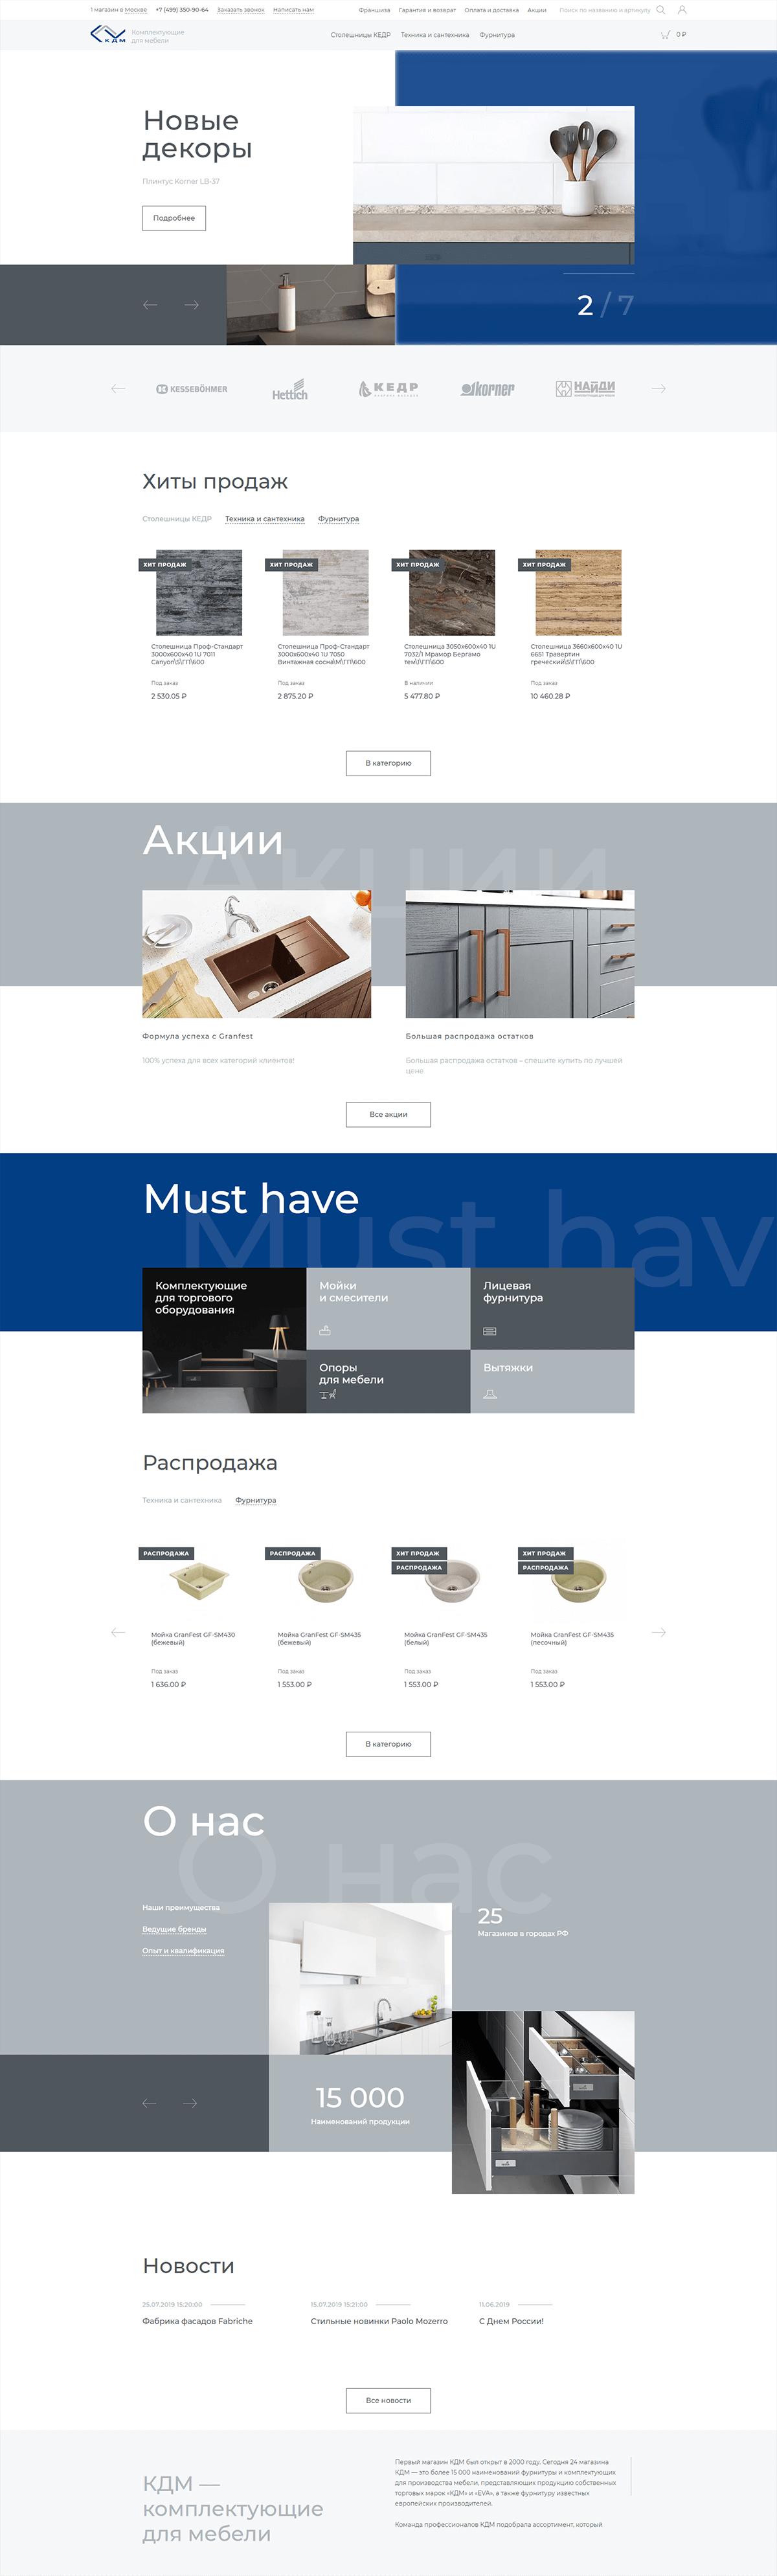 <p>Отнового сайта клиент хотел легкости, делового стиля ипонятной навигации. Мыэто реализовали, положив воснову дизайна крупные фото, геометричные блоки испокойные цвета.</p>